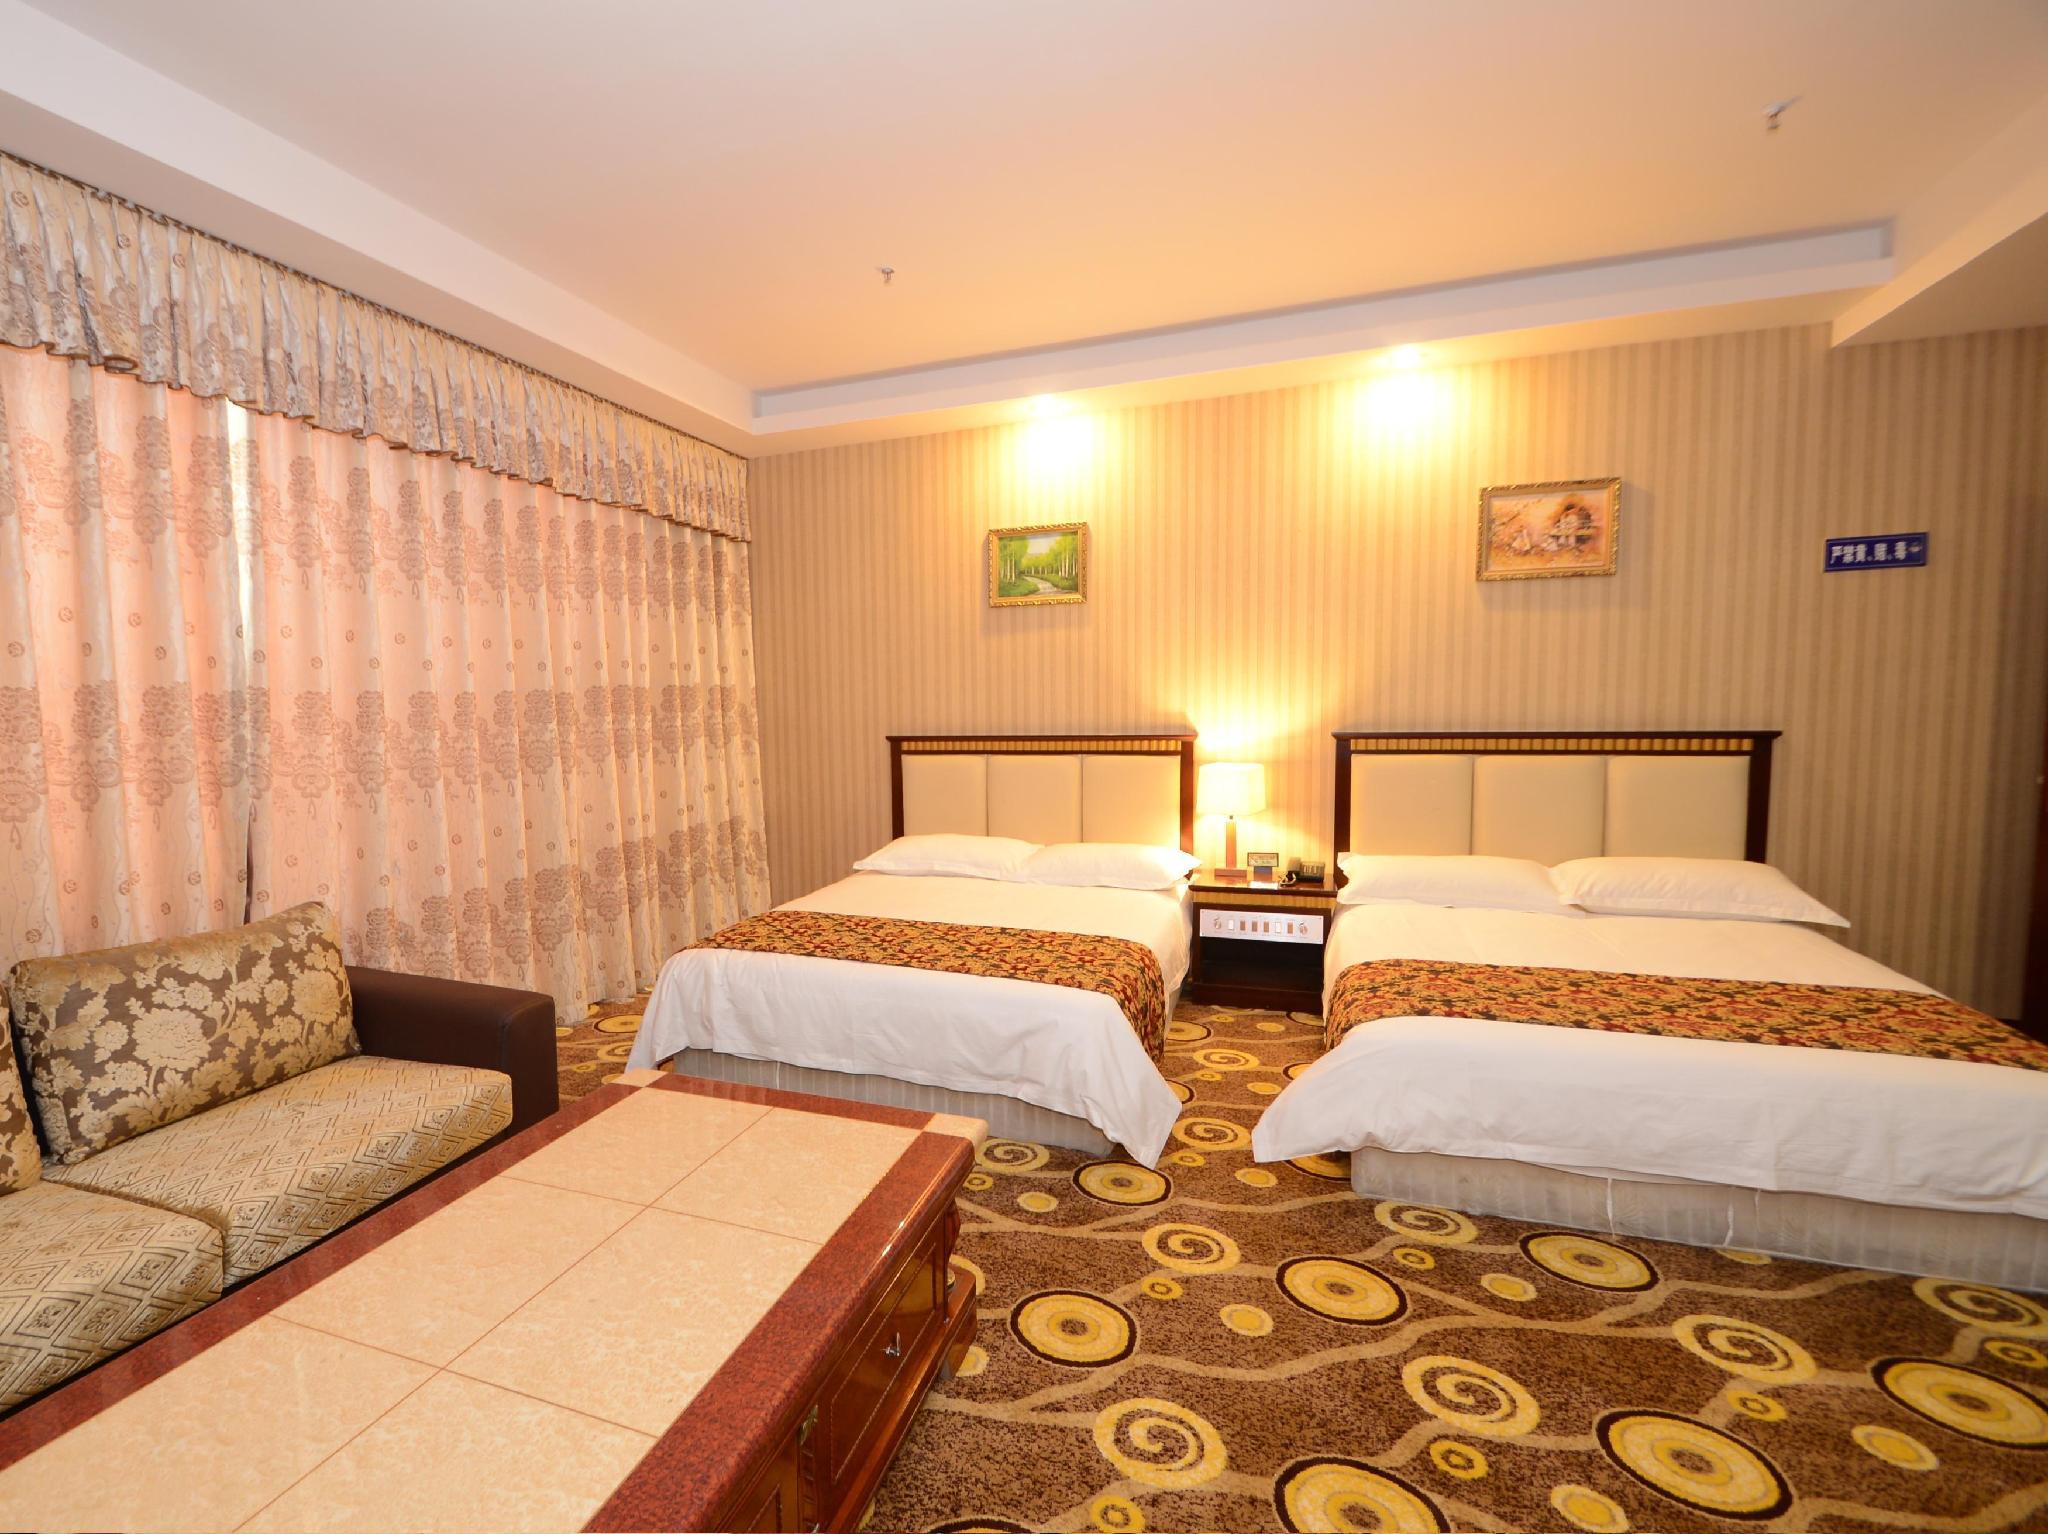 Chengdu Shuangliu International Airport Yingang Business Hotel, Chengdu